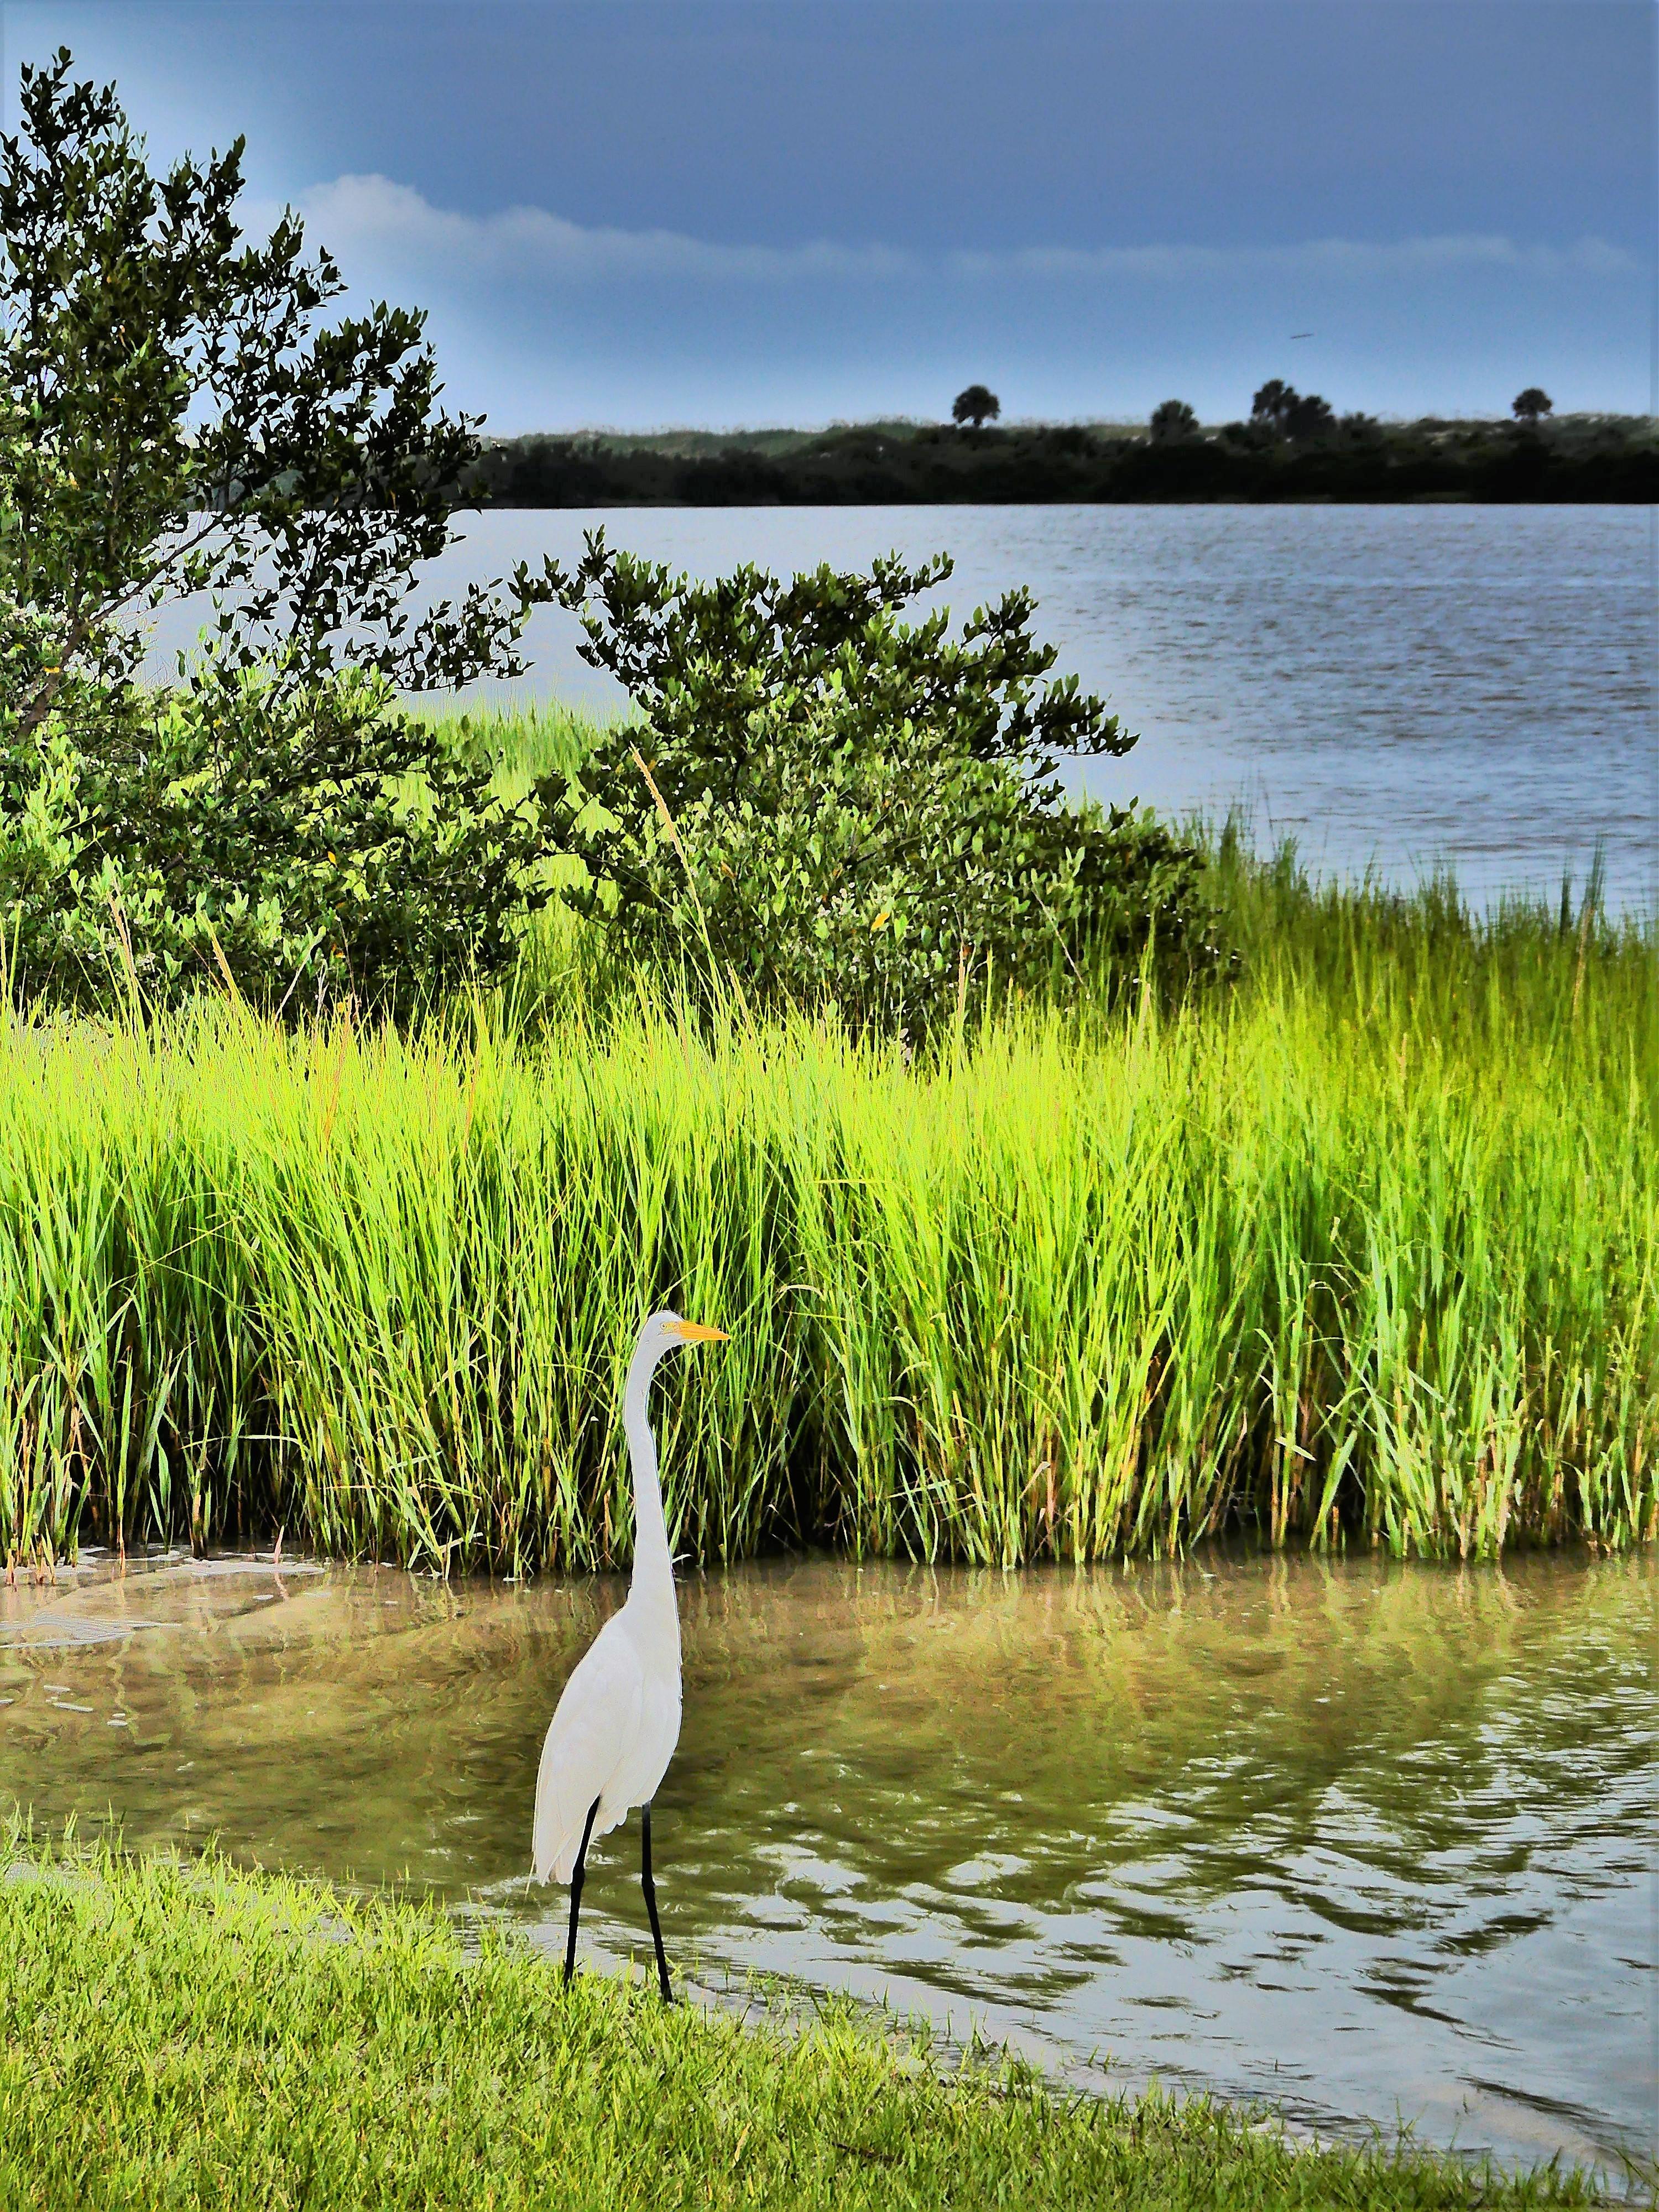 egret on the shore1.jpg